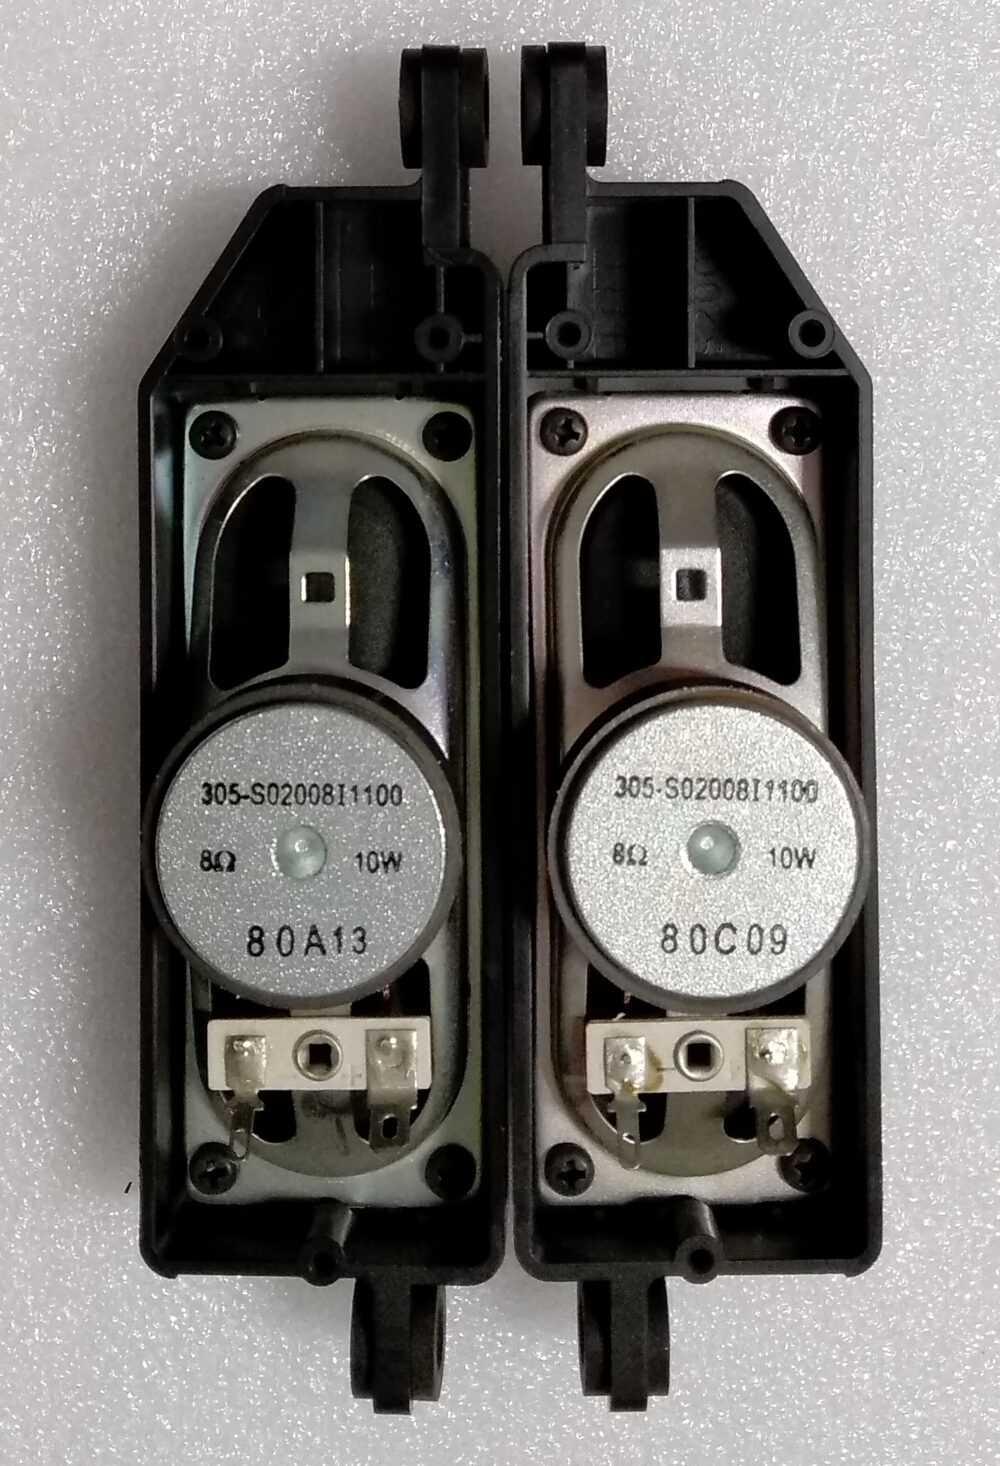 Coppia altoparlanti Sharp LC-32FH510E - 8 Ohm - 10W TV Modules